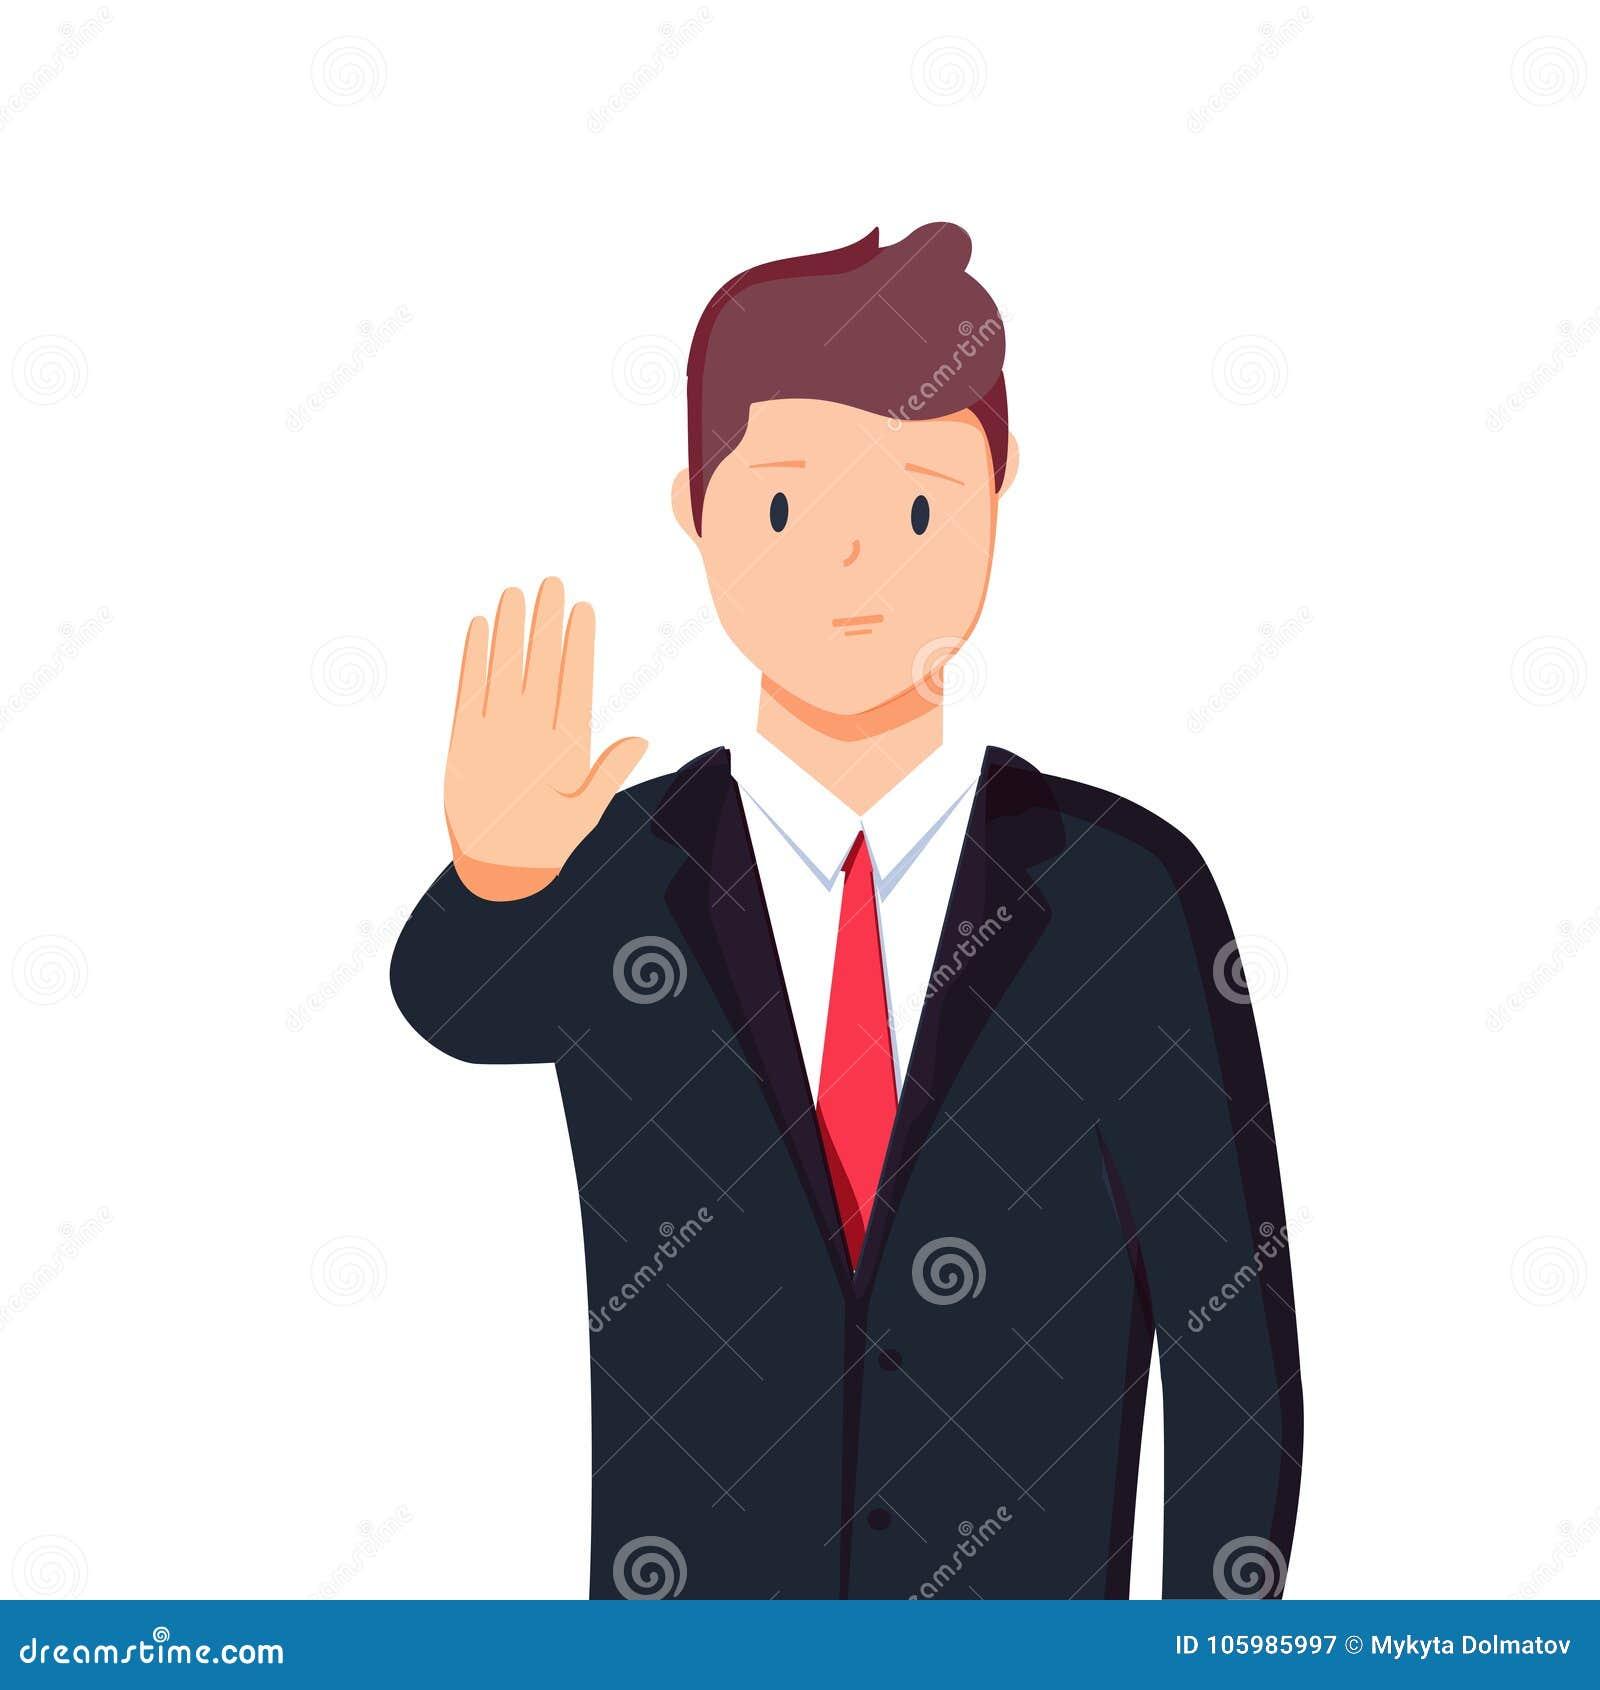 Wektorowy ilustracyjny charakteru portret biznesmen, podnosi rękę, palmowa rozciągliwość posyła, język ciała mówi nie